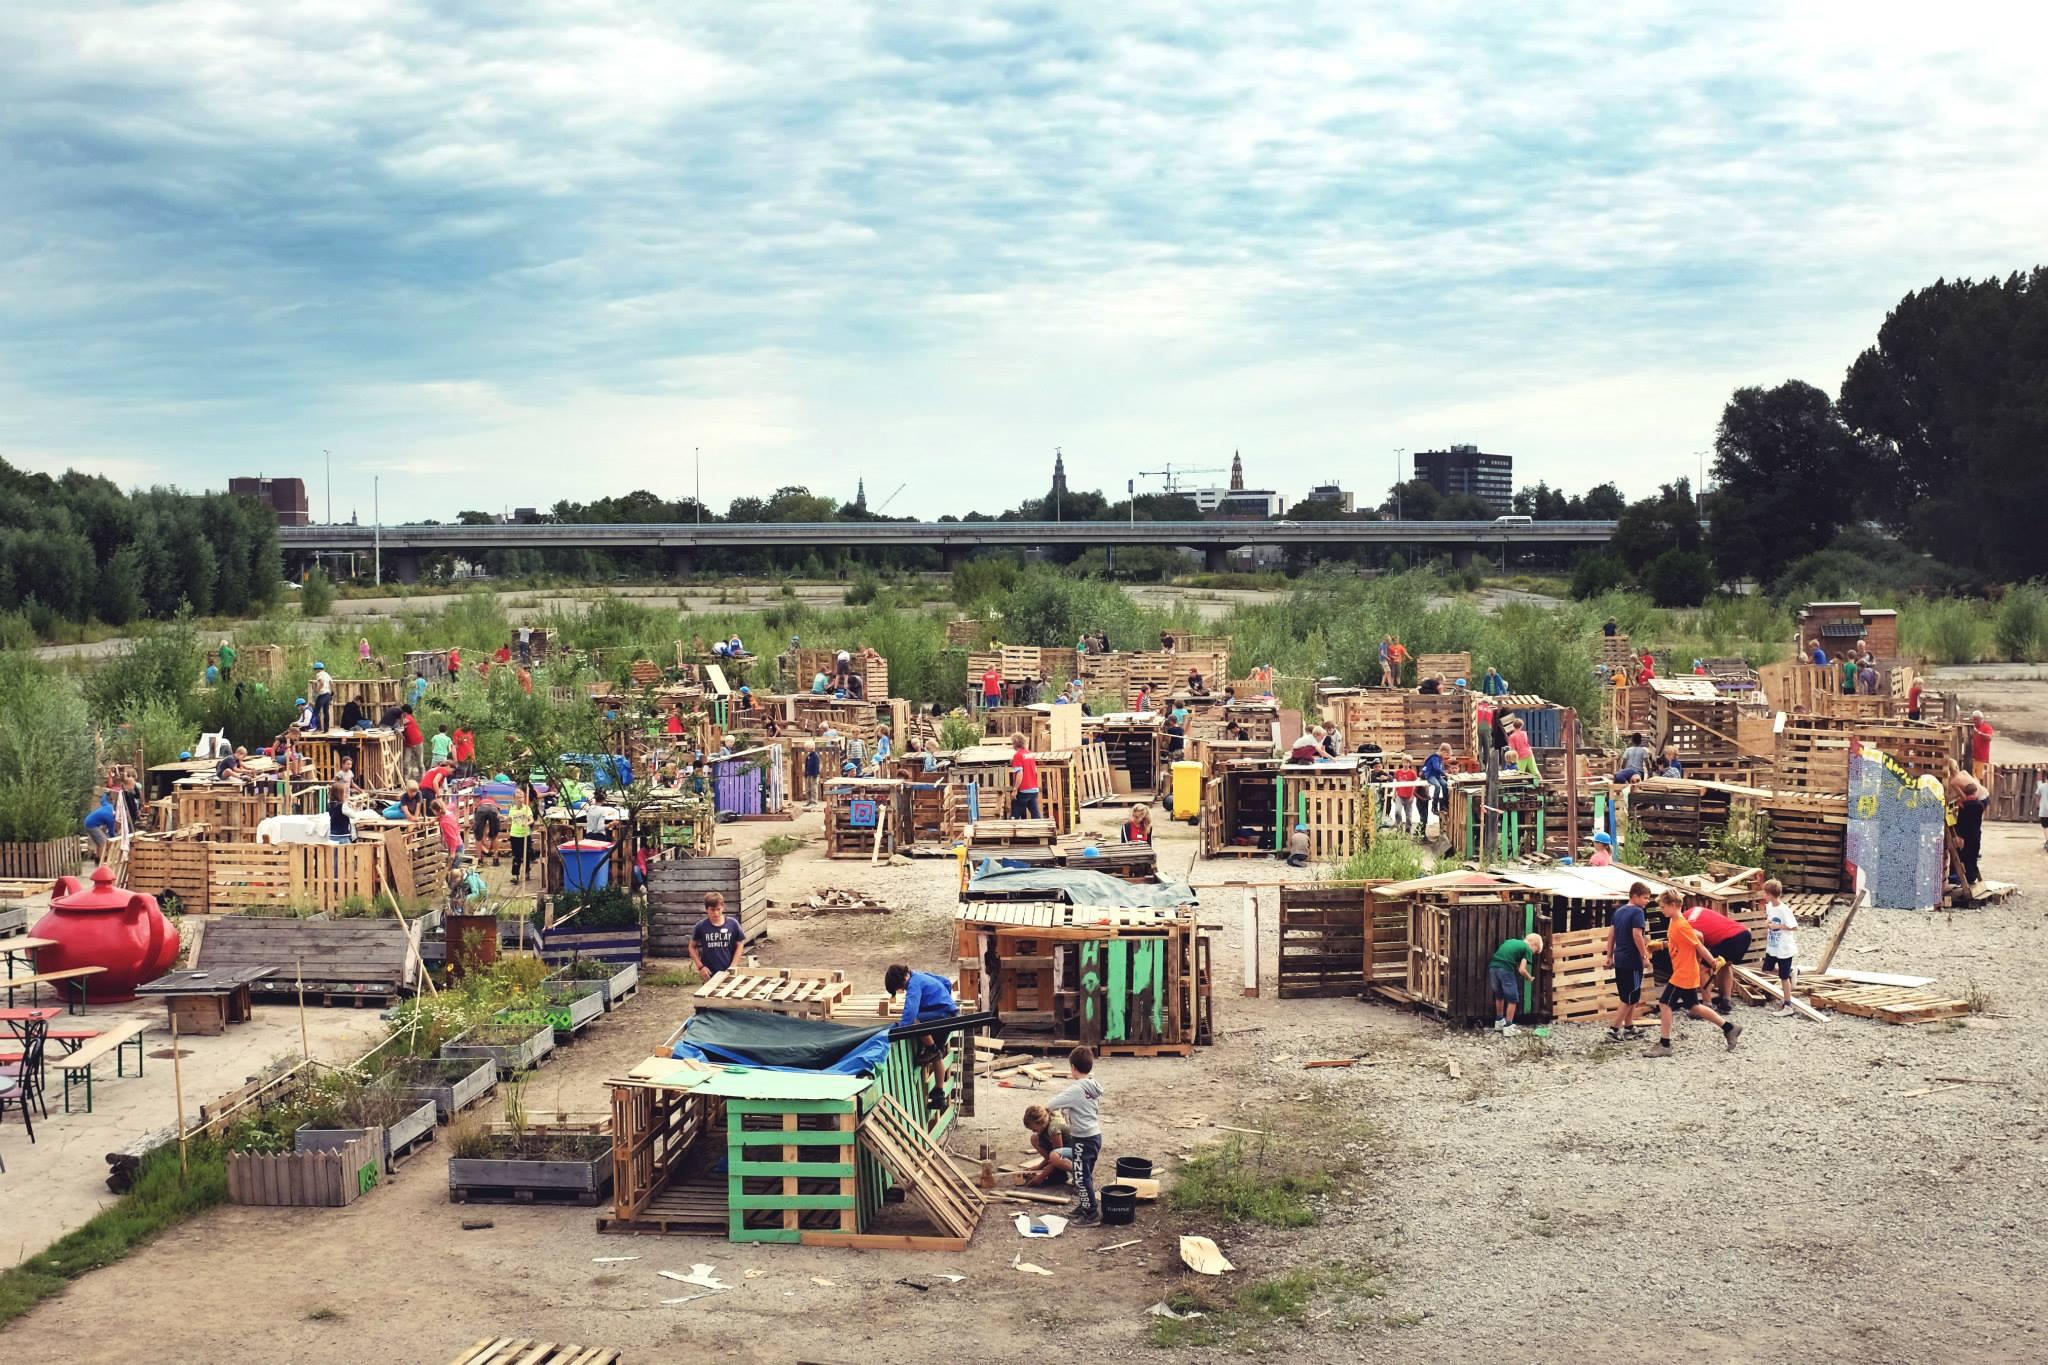 Zien: Deze kinderen bouwden een heel dorp in 4 dagen en het ziet er ge-wel-dig uit!